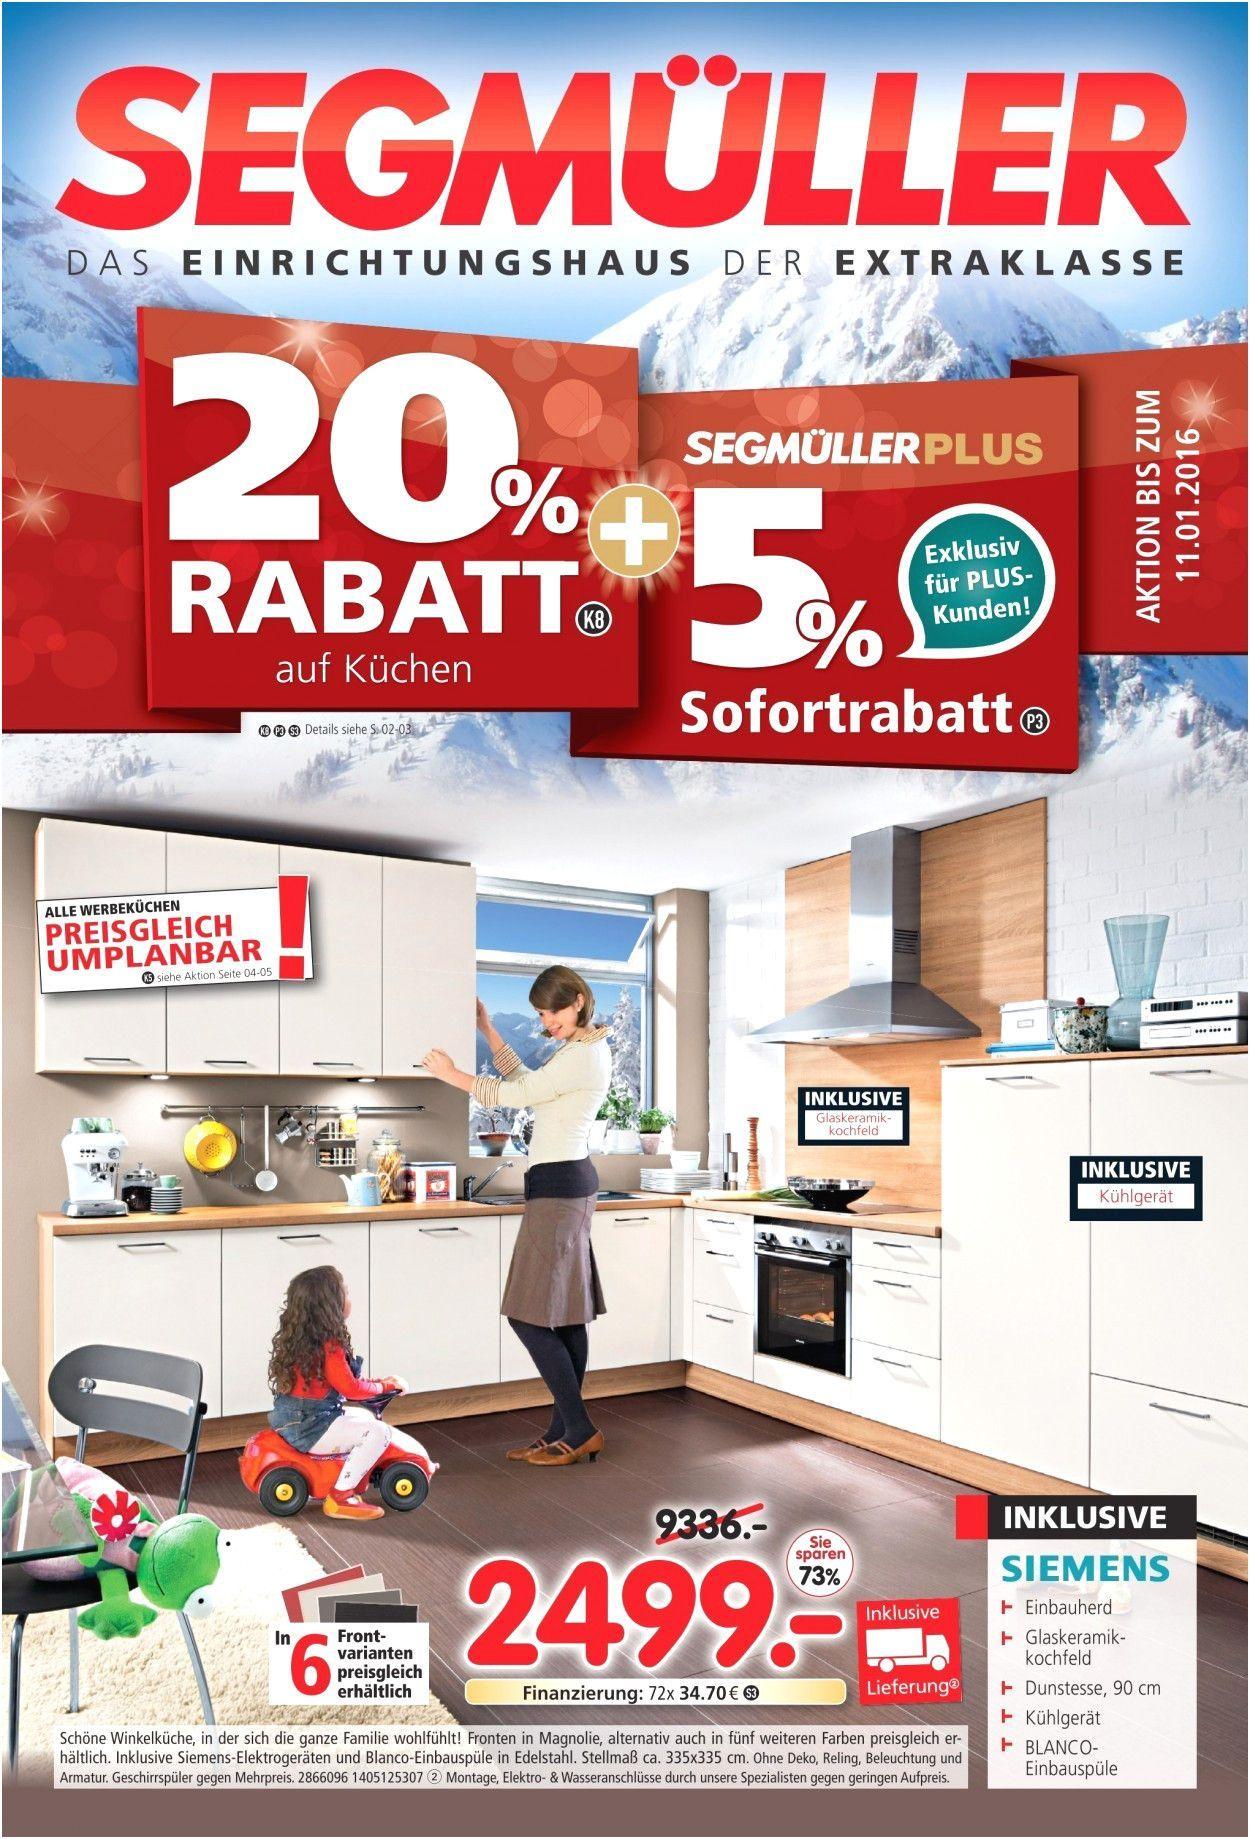 Qualified Segmuller In Weiterstadt Kuchen Angebote Kuchen Sofa Weiterstadt